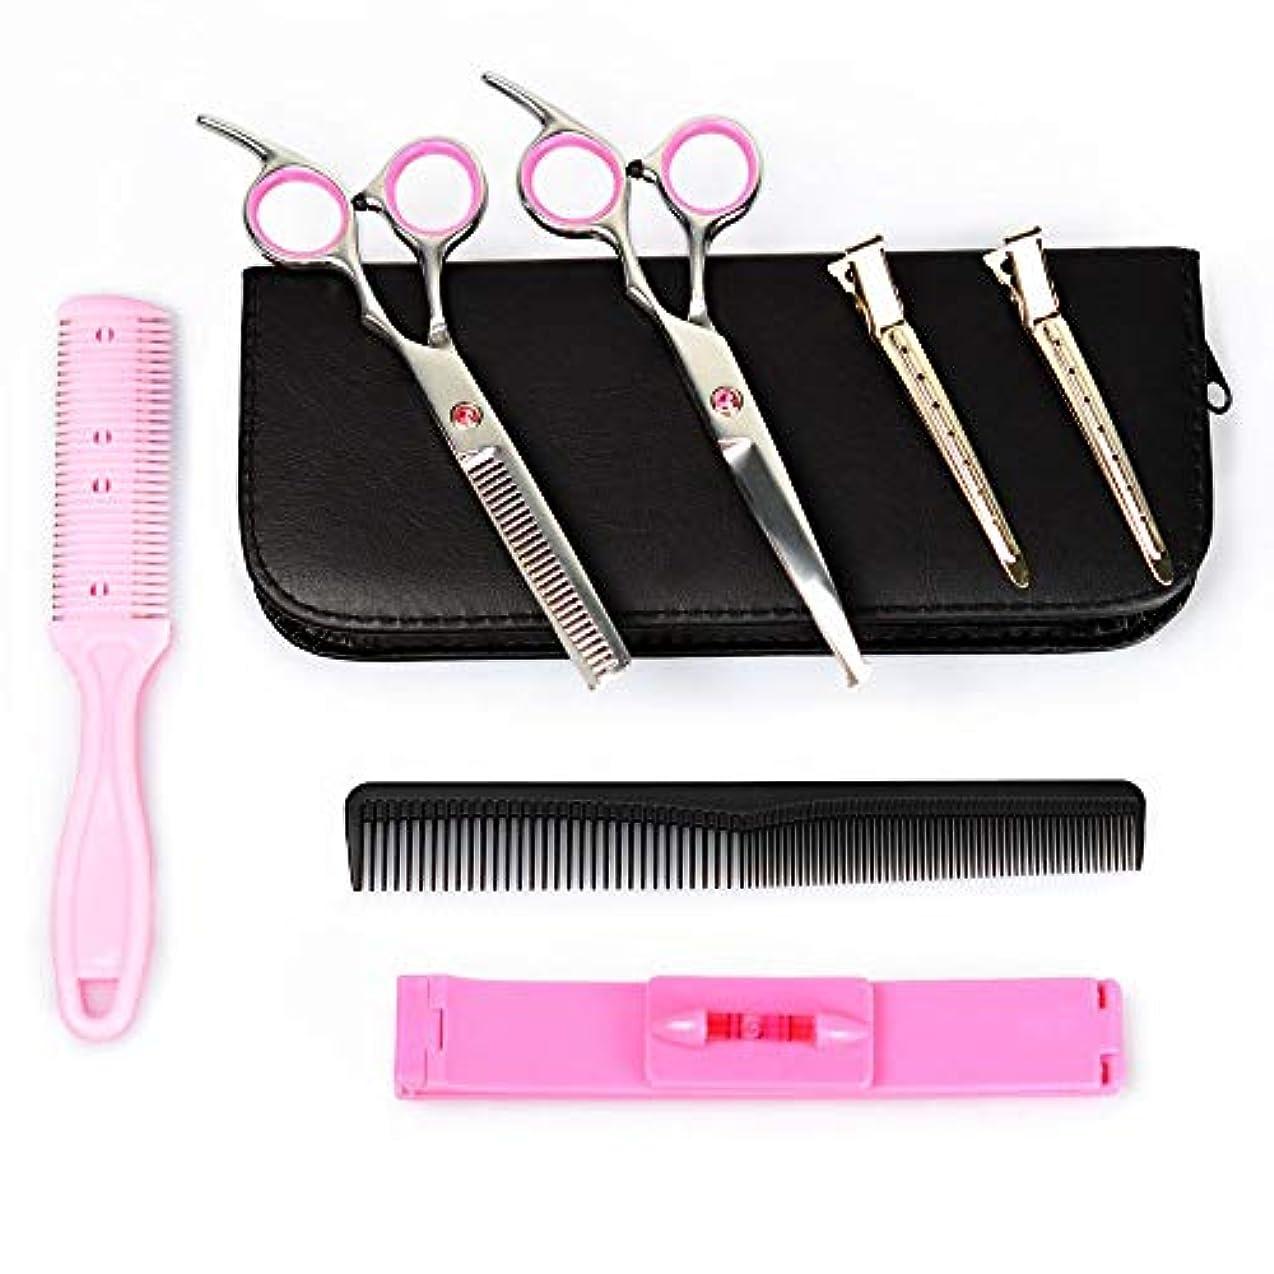 奨励しますに関してホイットニーBT-BASE 前髪 はさみ 散髪 家庭用 子ども 初心者 美容師 プロ用 高級シザー 8点セット